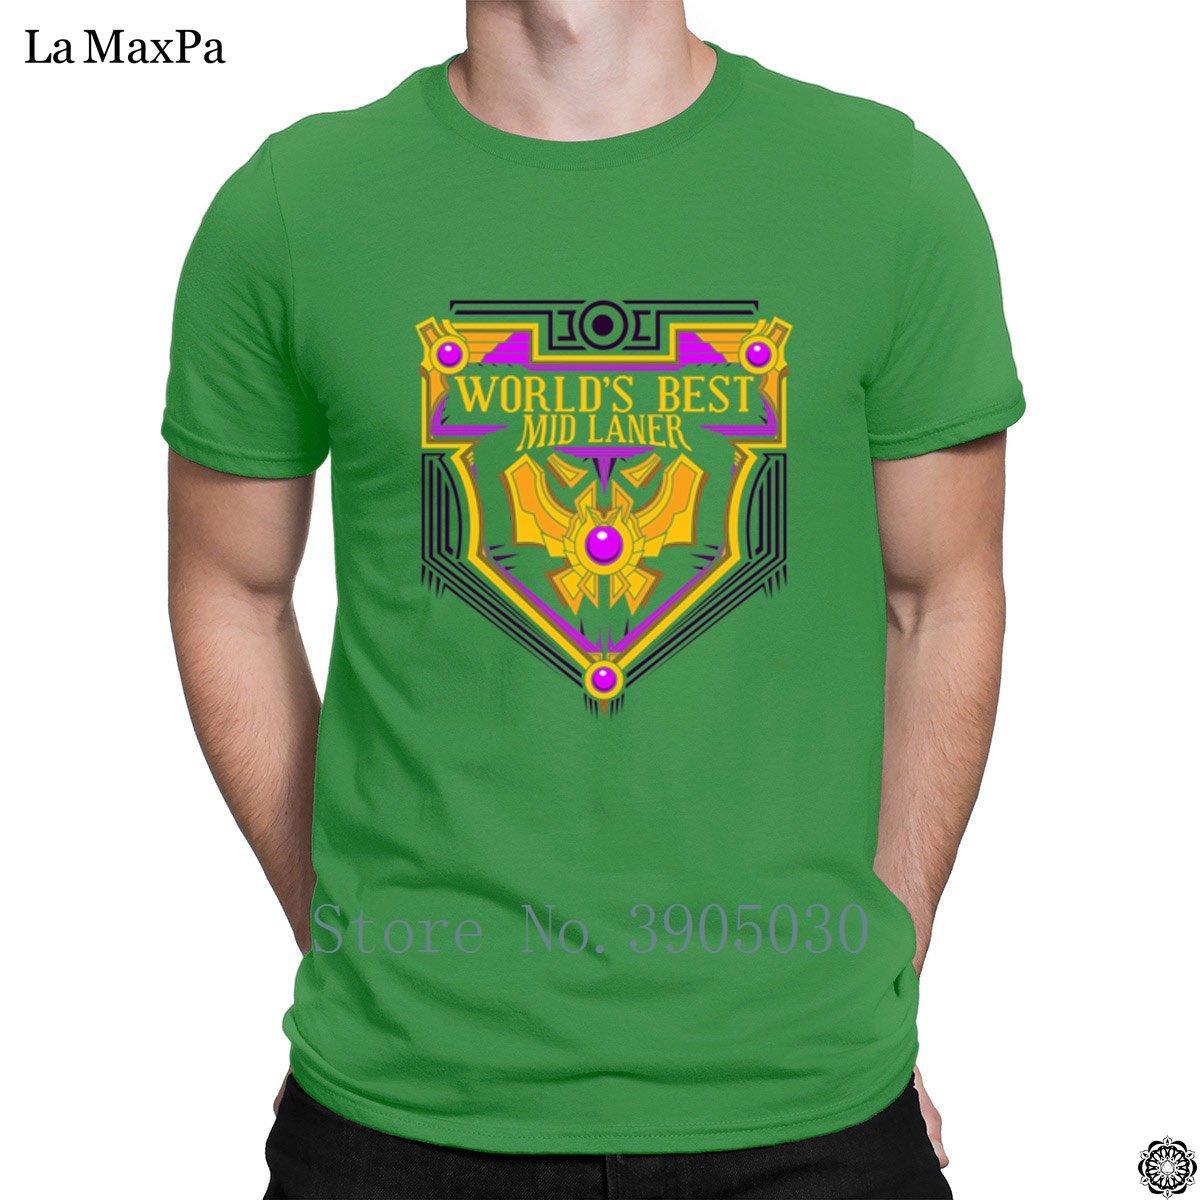 Caráter Rodada T-shirt para a camisa Melhor Mid Laner t dos homens Mundial Kawaii Melhor na moda Homens Camiseta Top Quality Masculino Neck